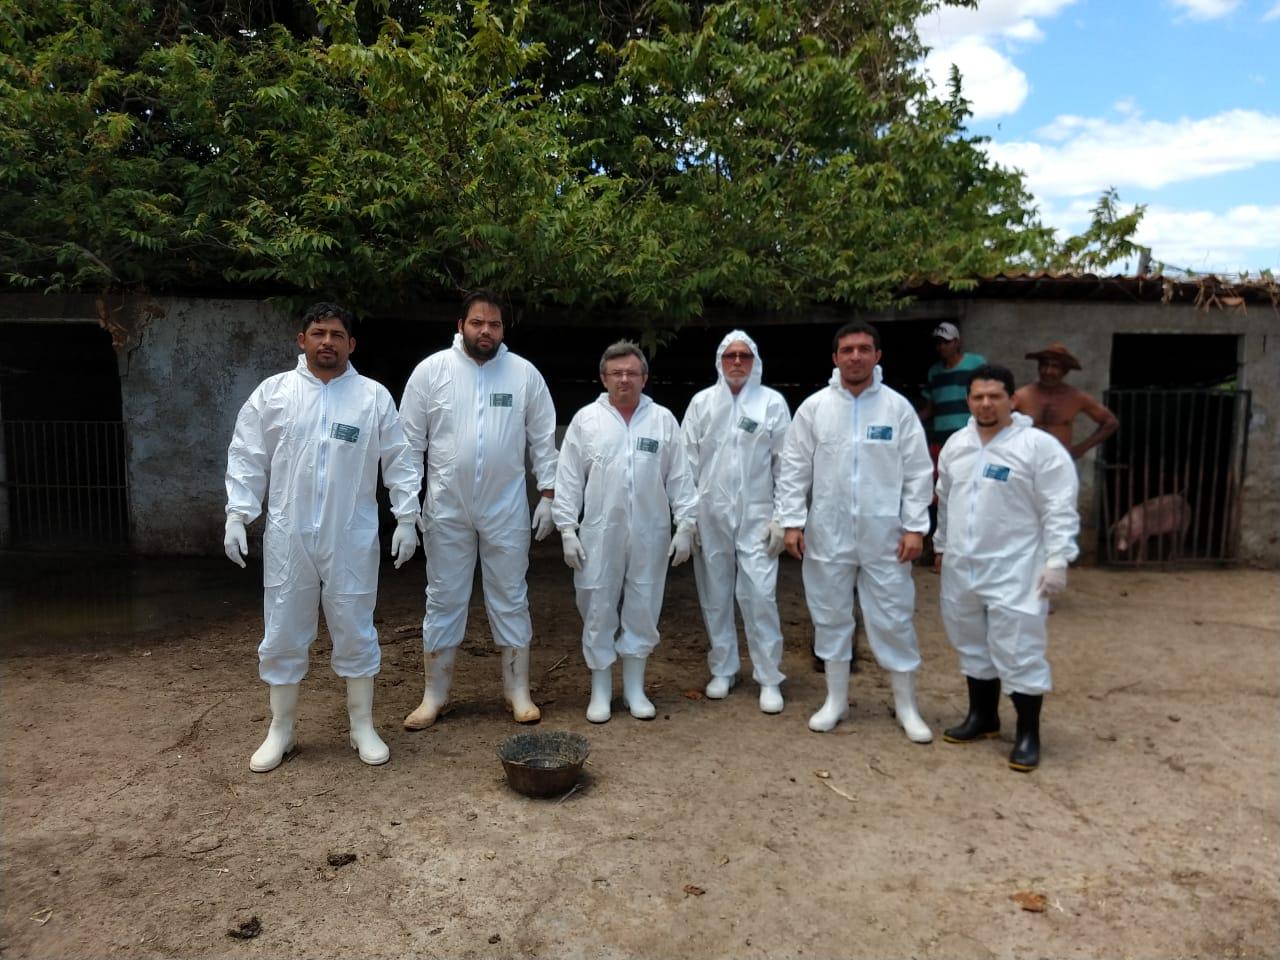 Adagri Intensifica ações de controle e erradicação da peste suína